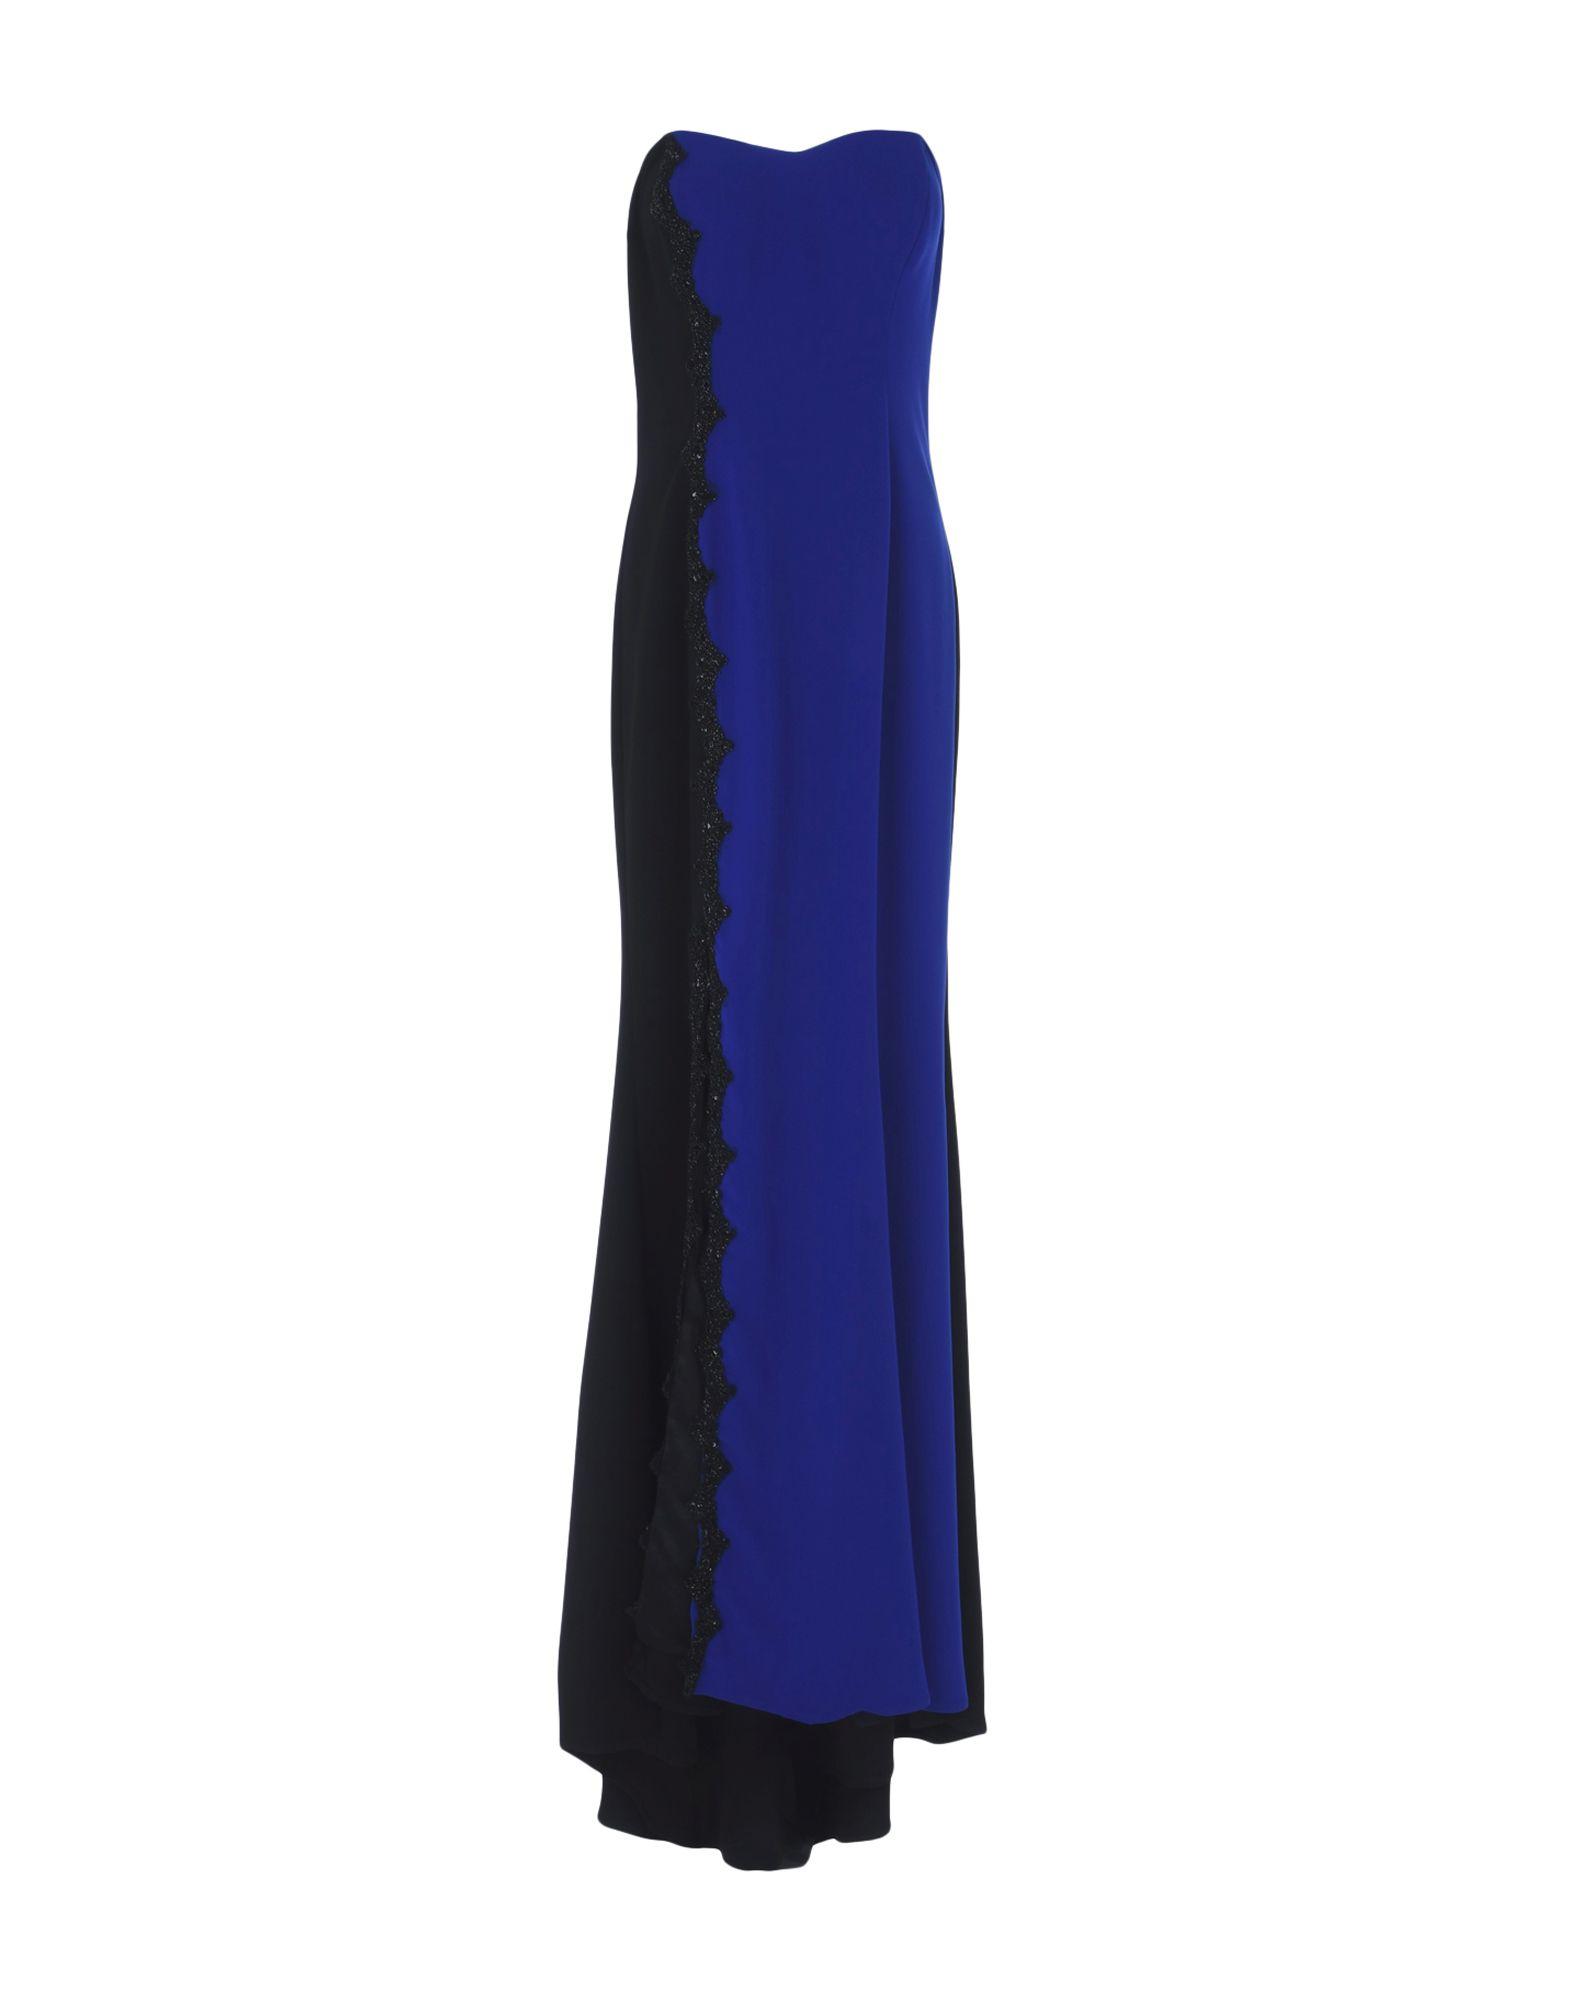 CARLO PIGNATELLI CERIMONIA Длинное платье carlo pignatelli cerimonia пиджак